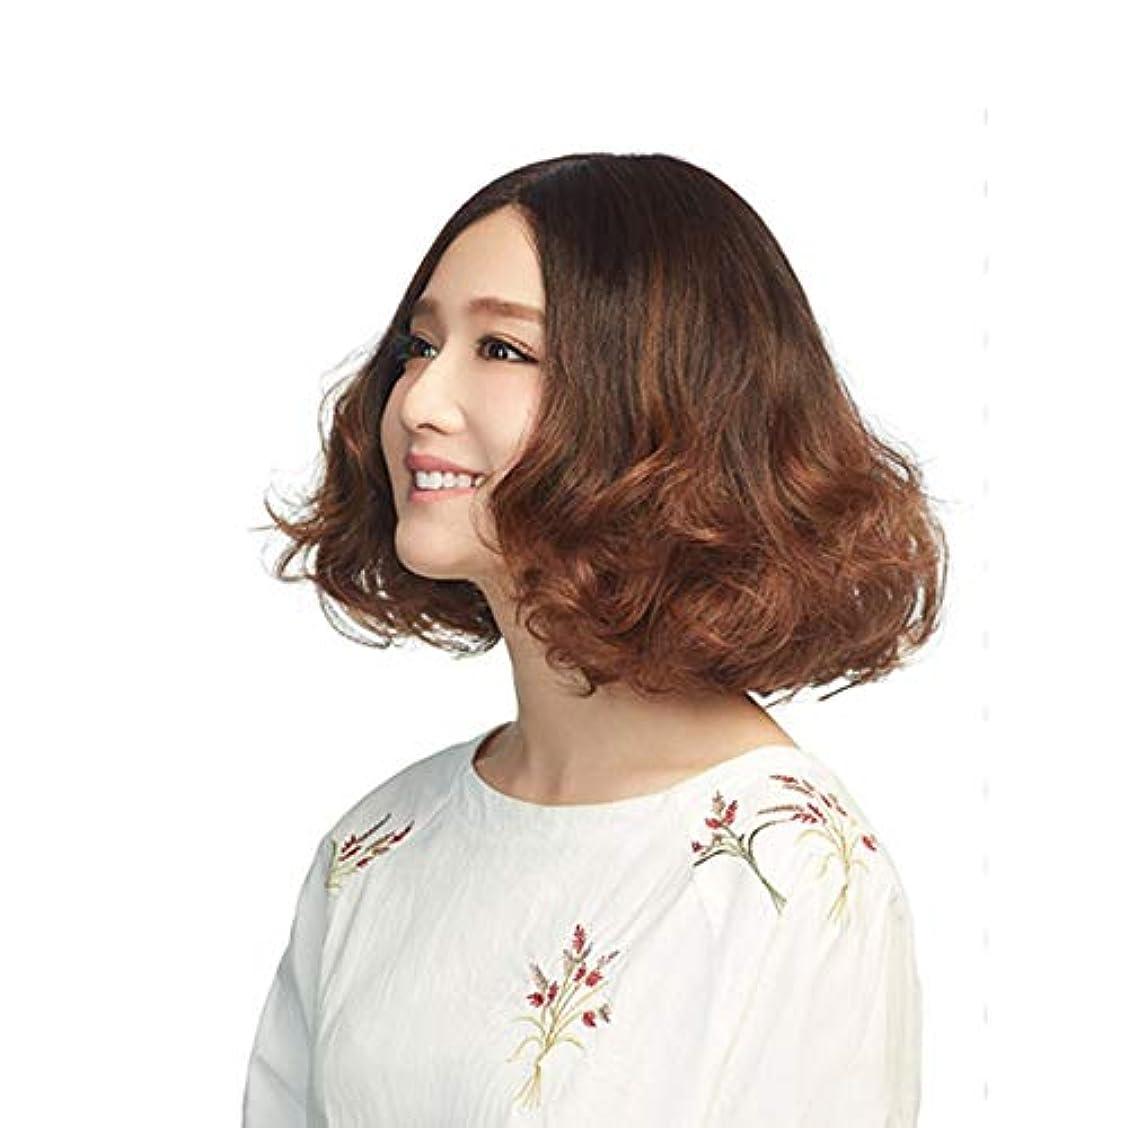 明らかに効率的ご予約YOUQIU 無料キャップウィッグを持つ女性の茶ショートカーリーヘアふわふわ人工毛 (色 : ブラウン)